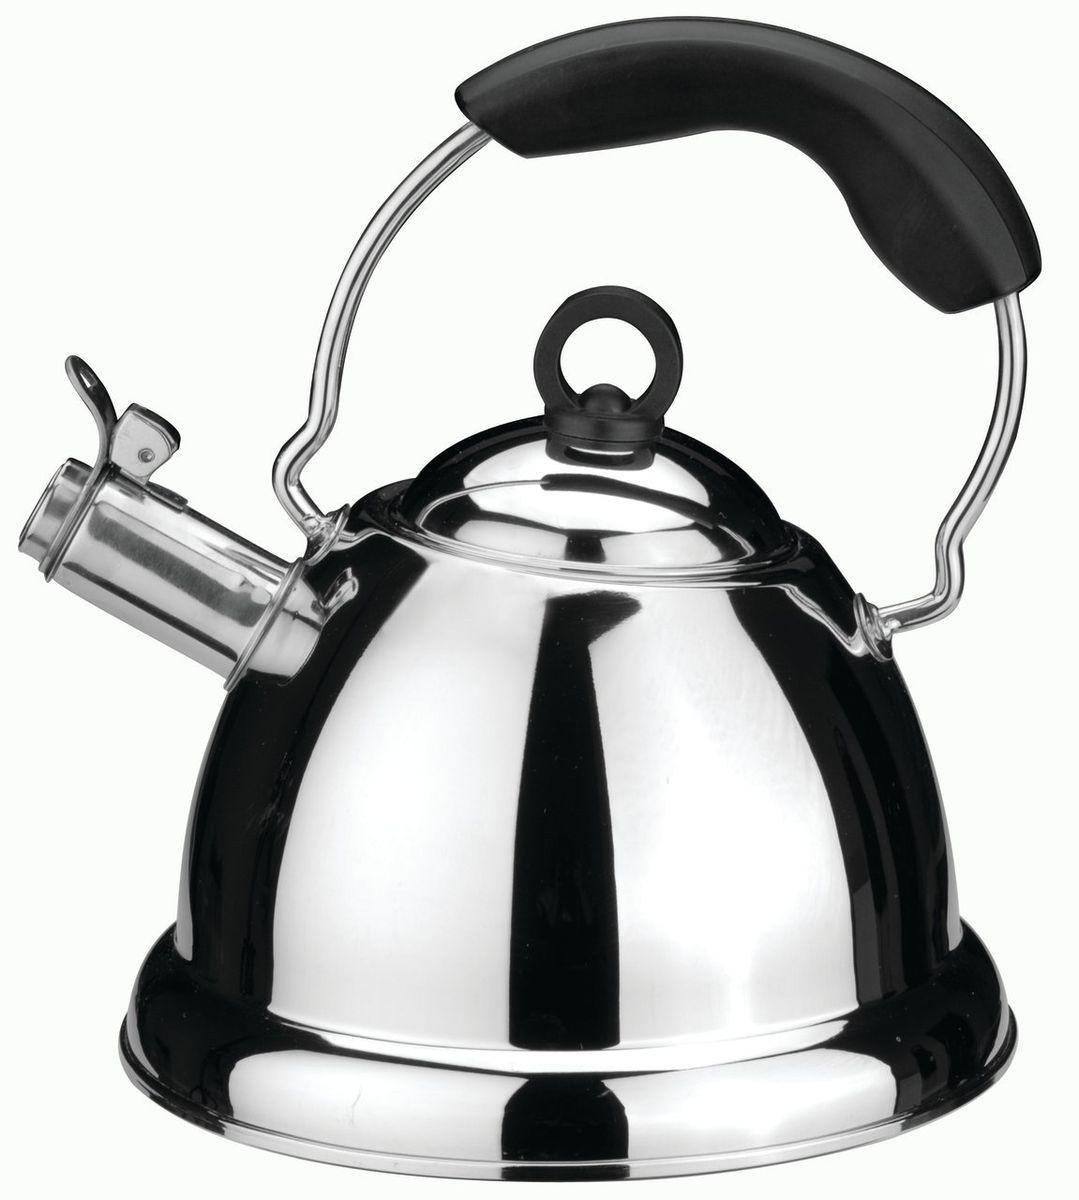 """Чайник со свистком BergHOFF """"Cook&Co Presto"""" - выполнен из нержавеющей стали. Высокоэффективный чайник продуктивно проводит тепло для быстрого закипания. Свисток сообщает о моменте закипания воды. Рекомендуется мыть вручную. Упакован в подарочную коробку. Нержавеющая сталь"""